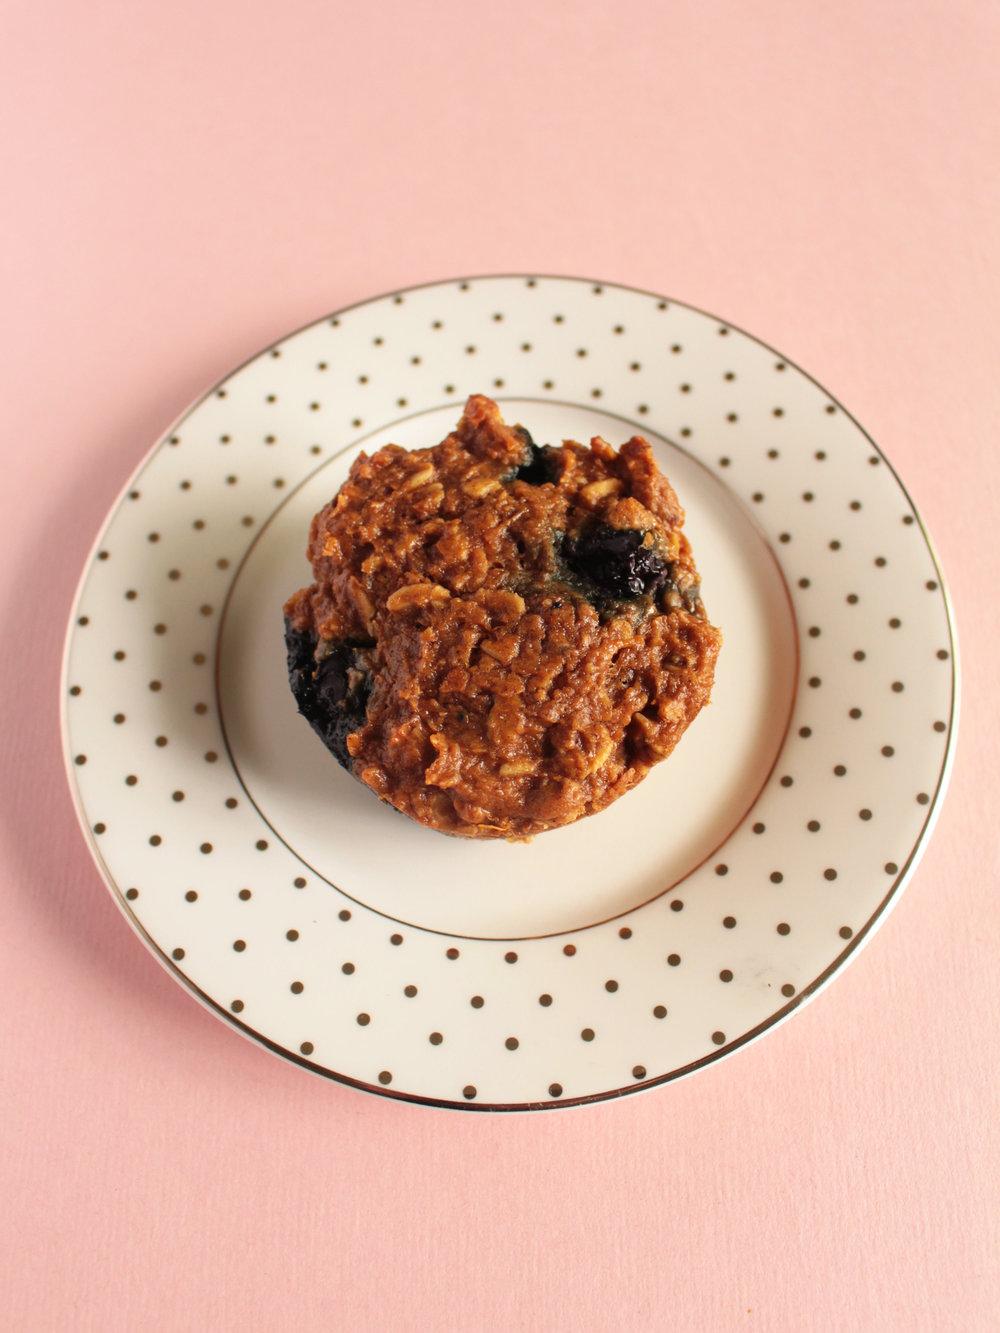 sweet potato blueberry muffins